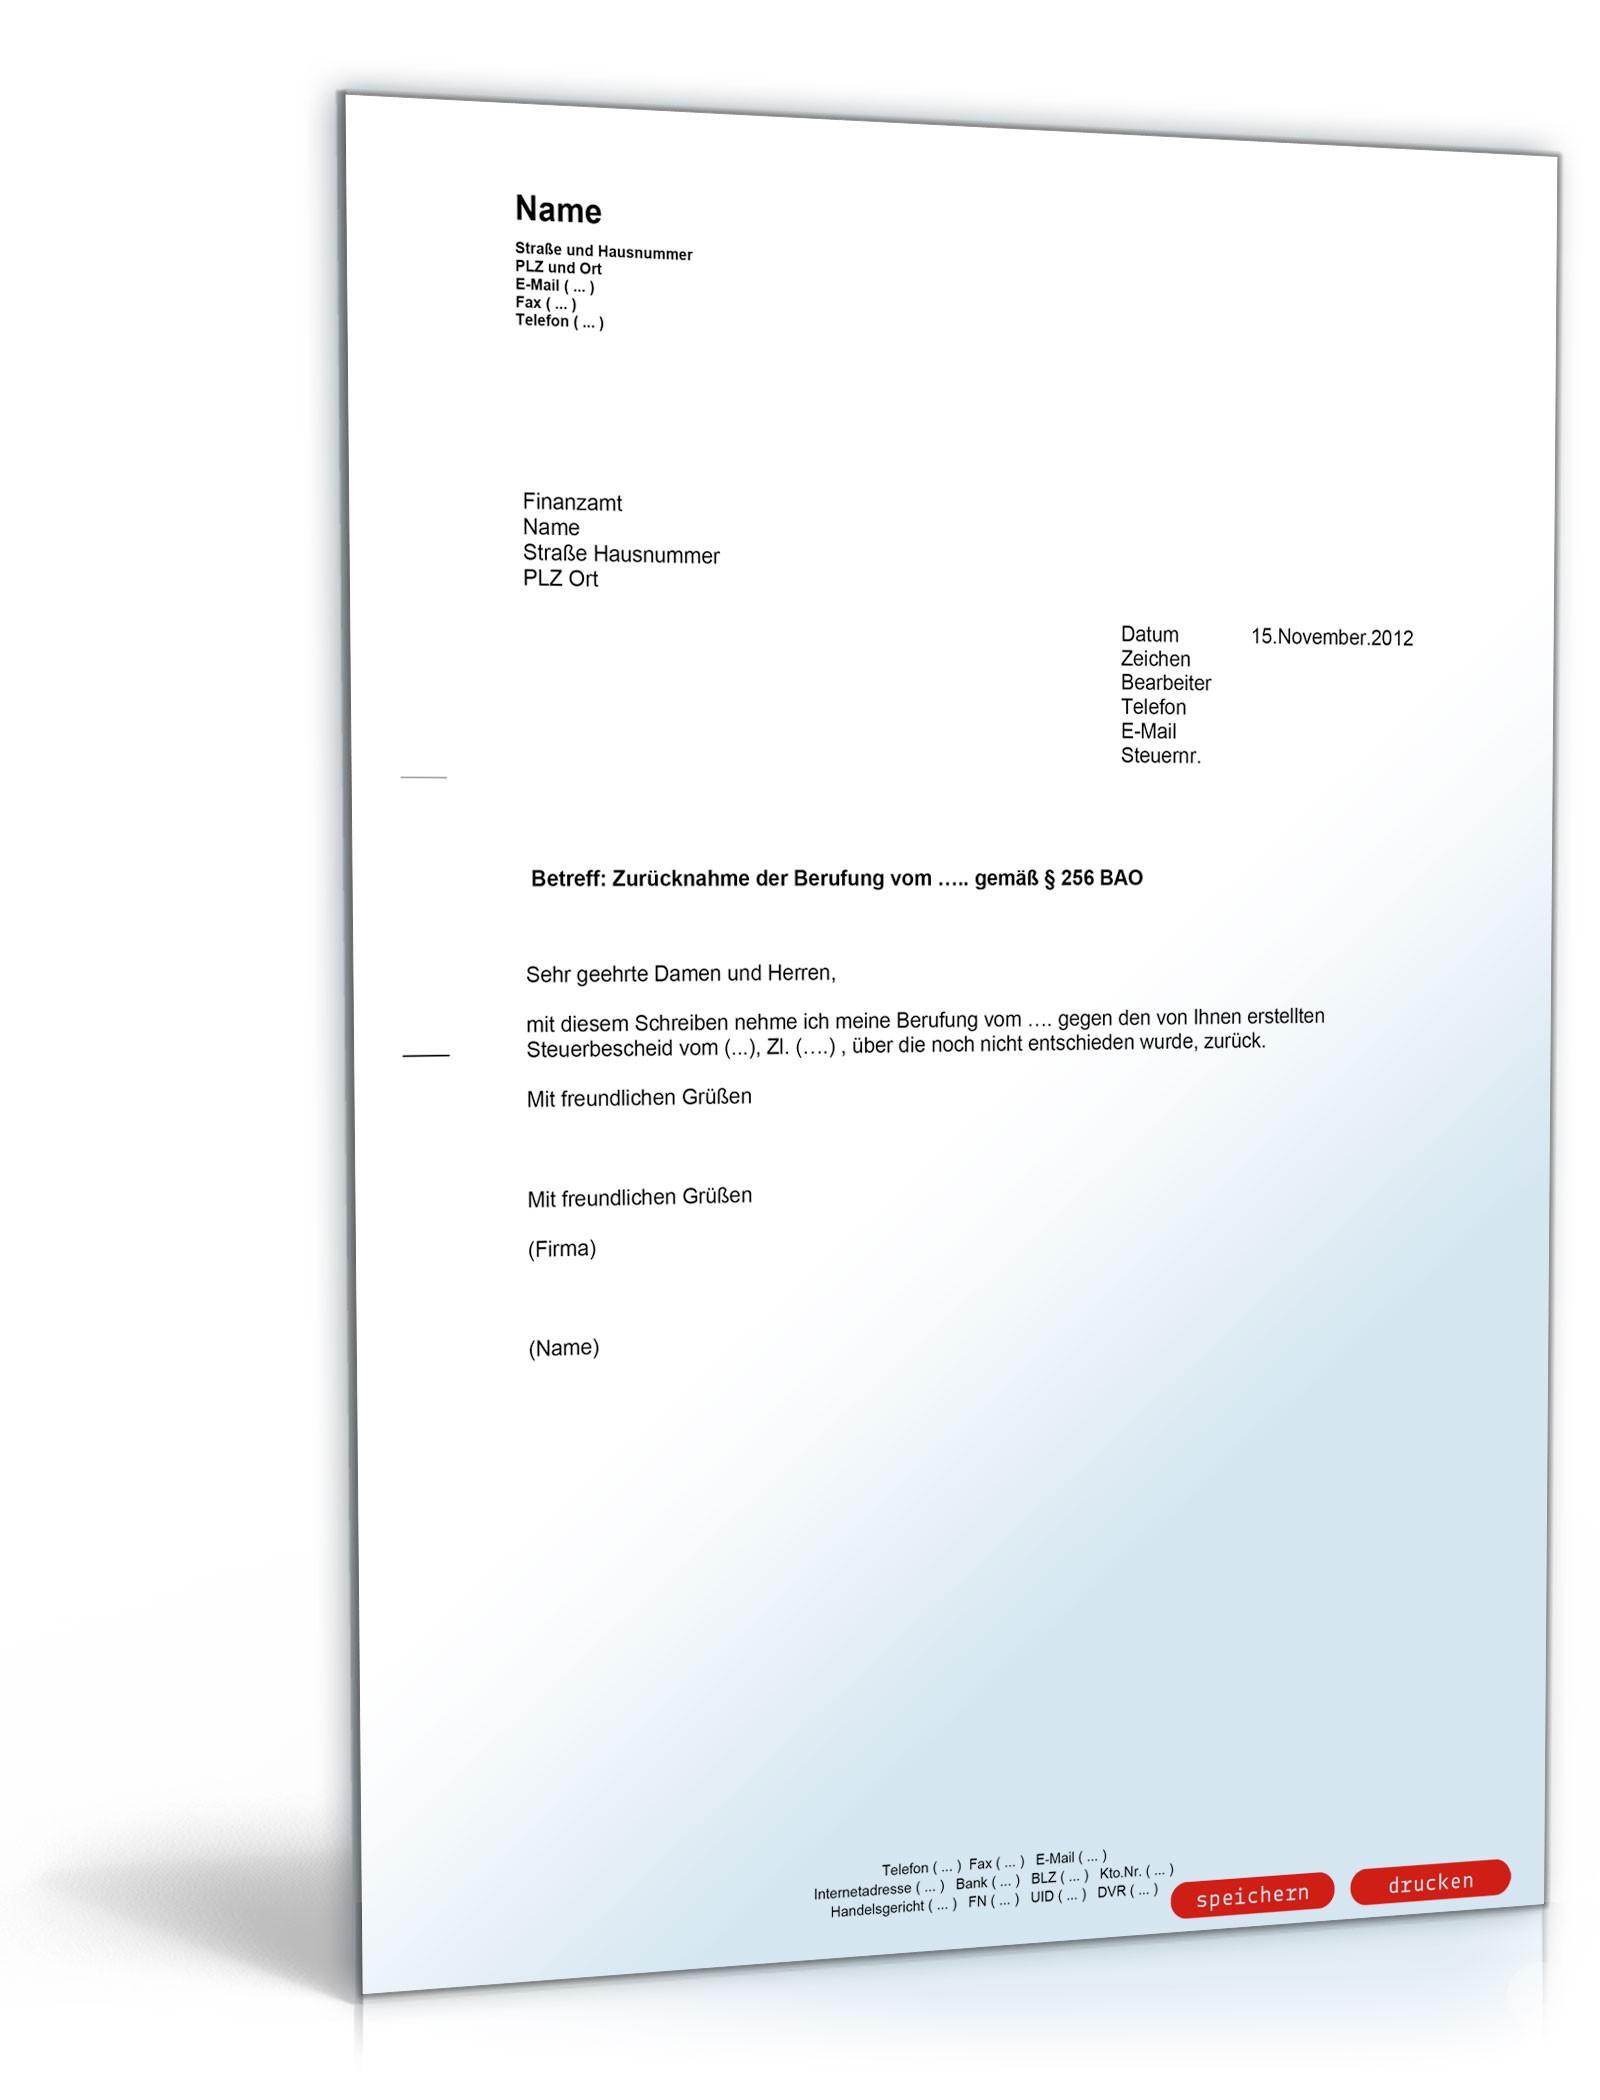 Zurücknahme der Beschwerde gegen Steuerbescheid - Muster-Vorlage zum ...